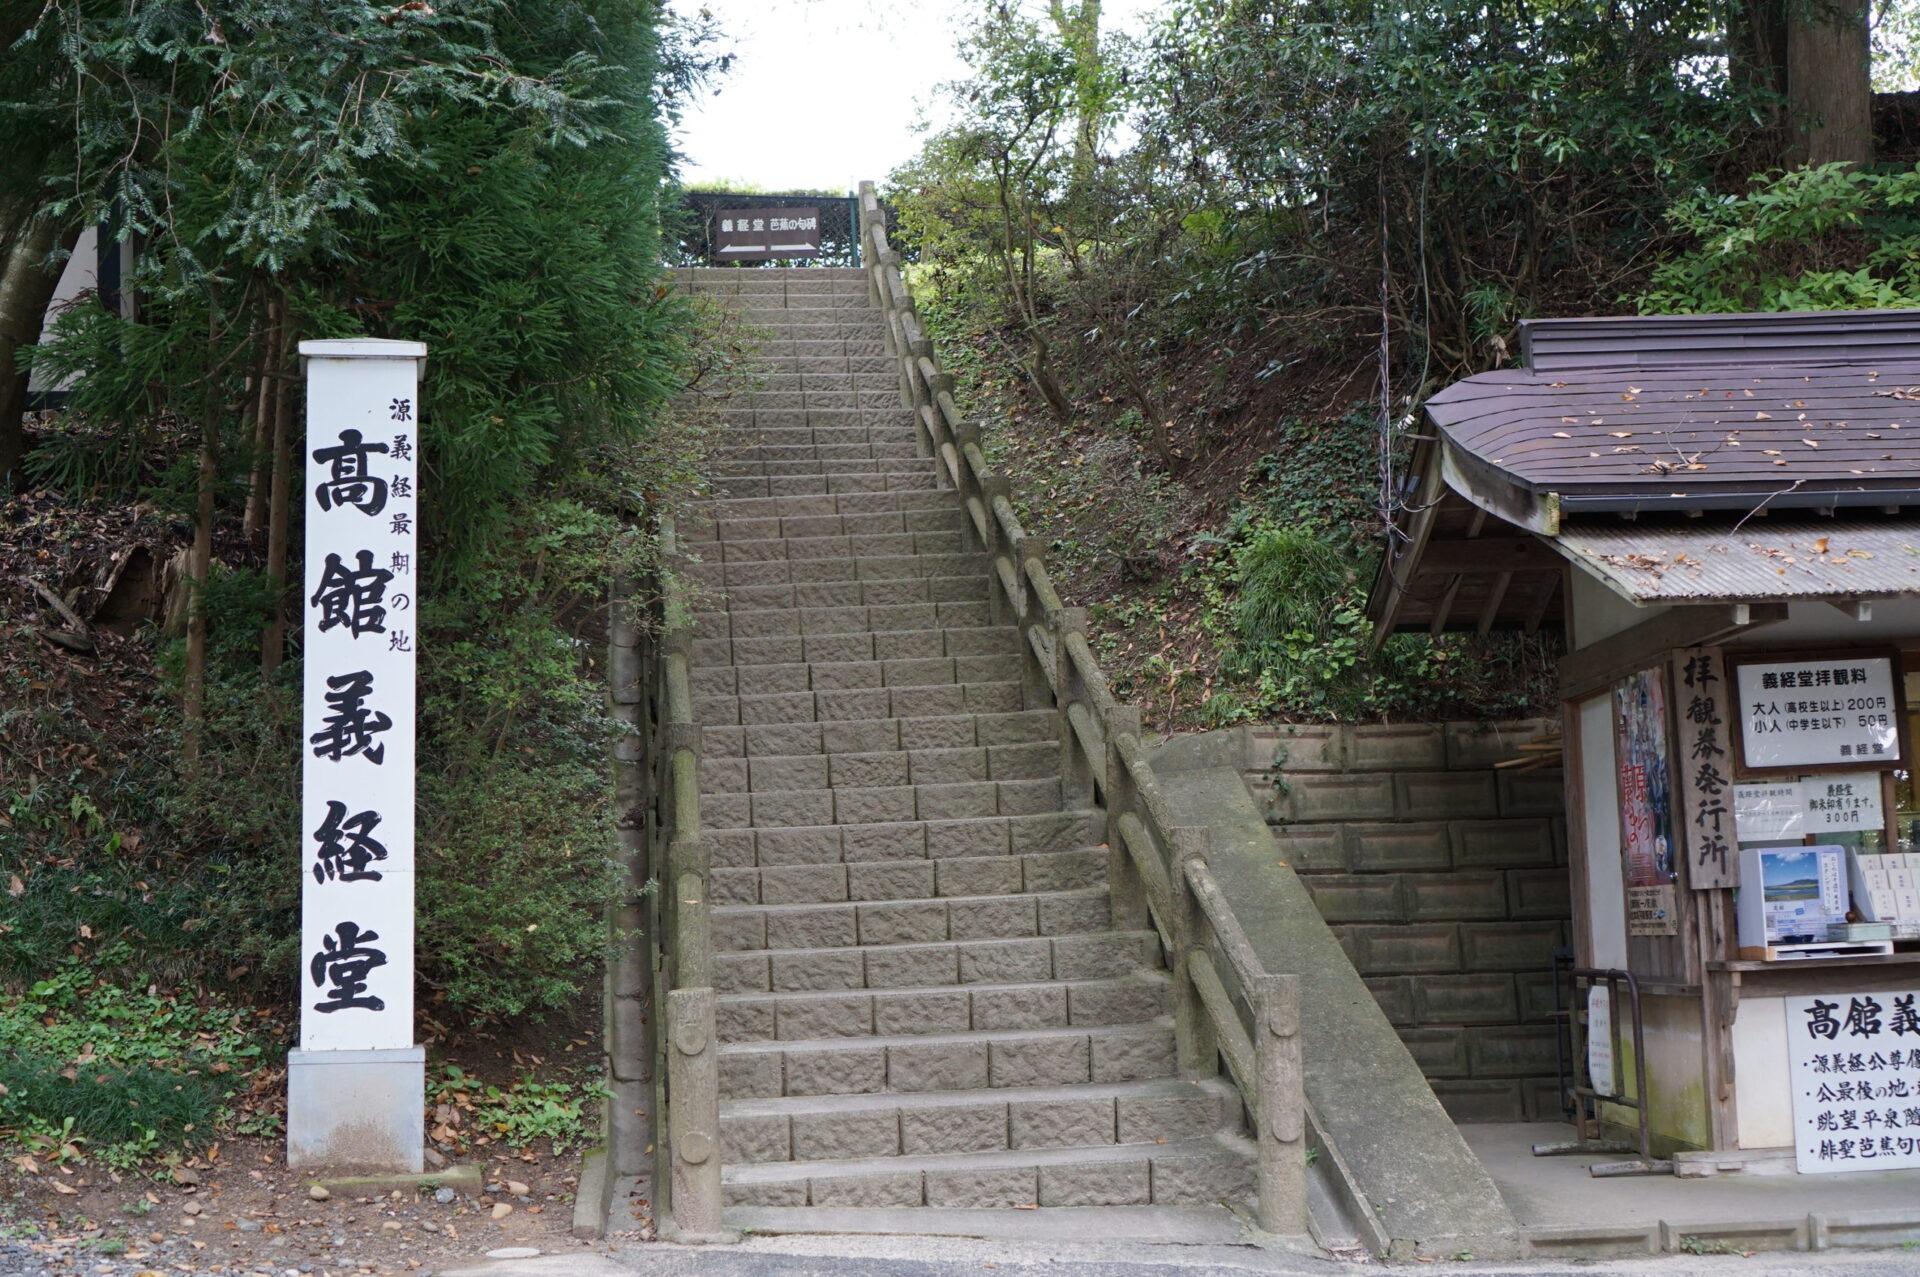 平泉観光スポット 高館義経堂